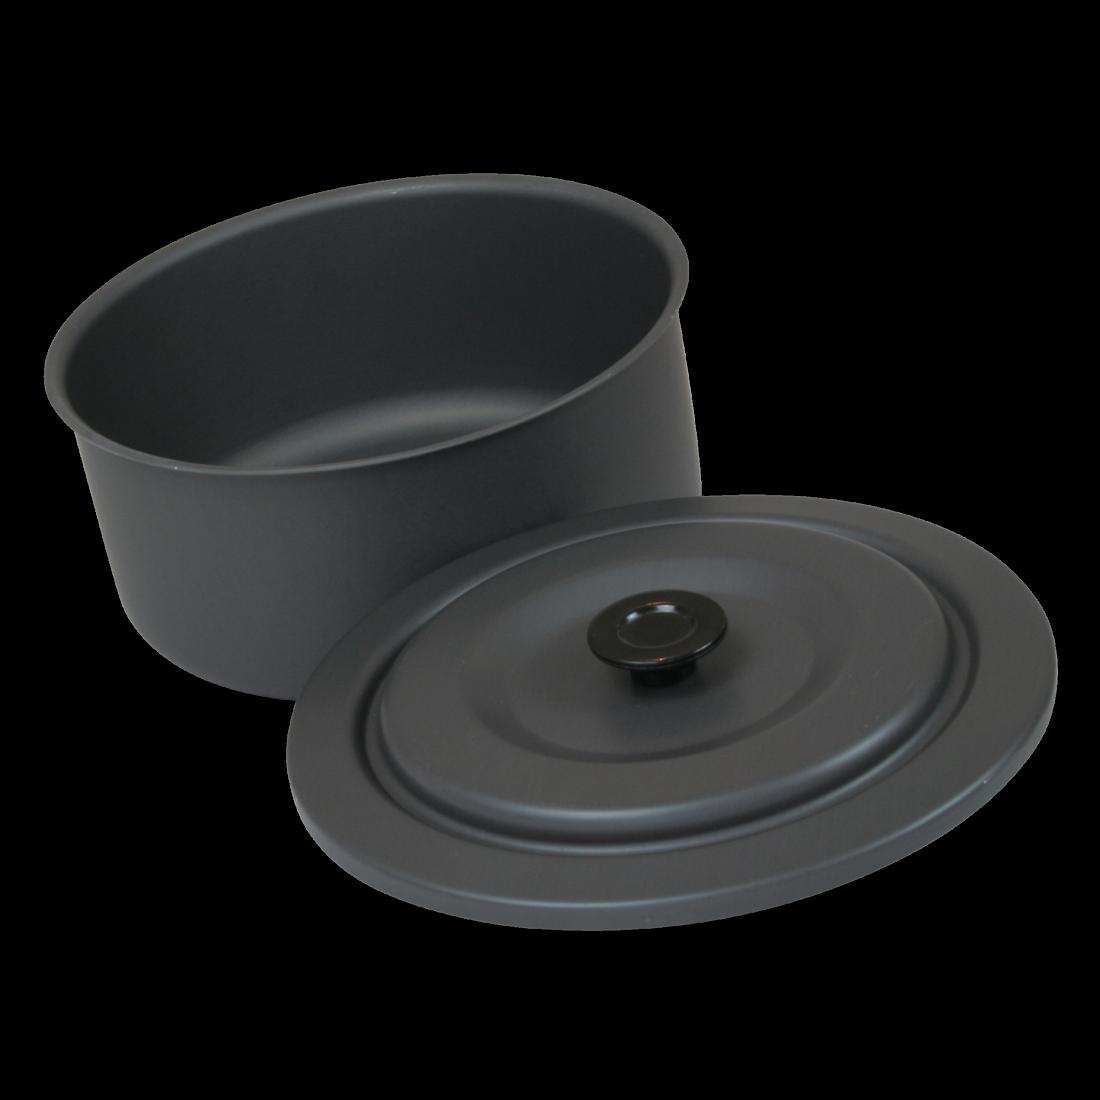 texas 7 teiliges topf und pfannenset mit deckel aluminium eloxiert im netzbeutel. Black Bedroom Furniture Sets. Home Design Ideas